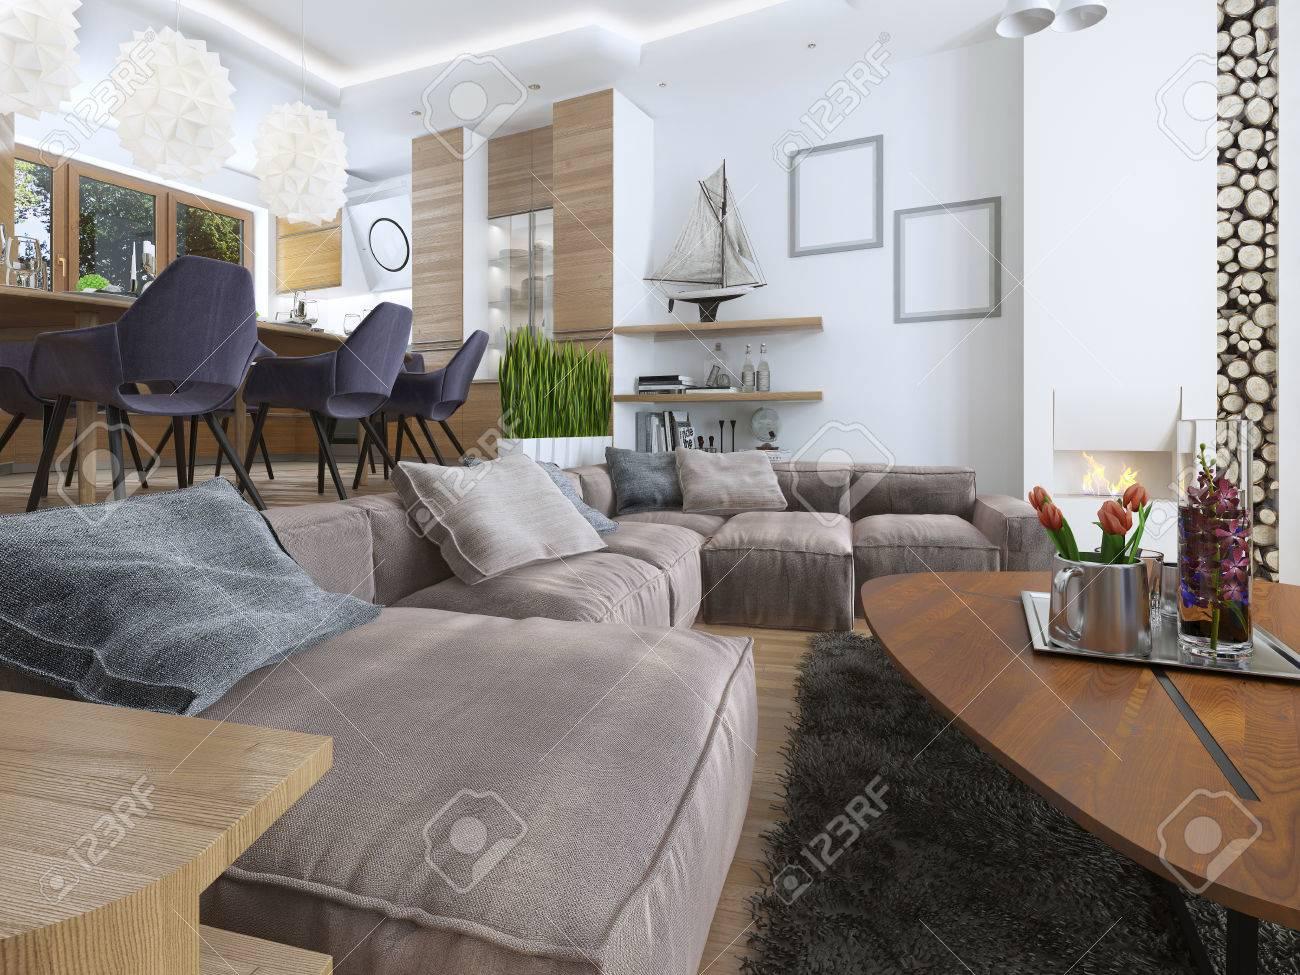 Moderna sala de estar con un estilo loft, mezclando suavemente en la cocina  comedor. Gran sofá esquina, estantes con decoraciones, silla suave con una  ...